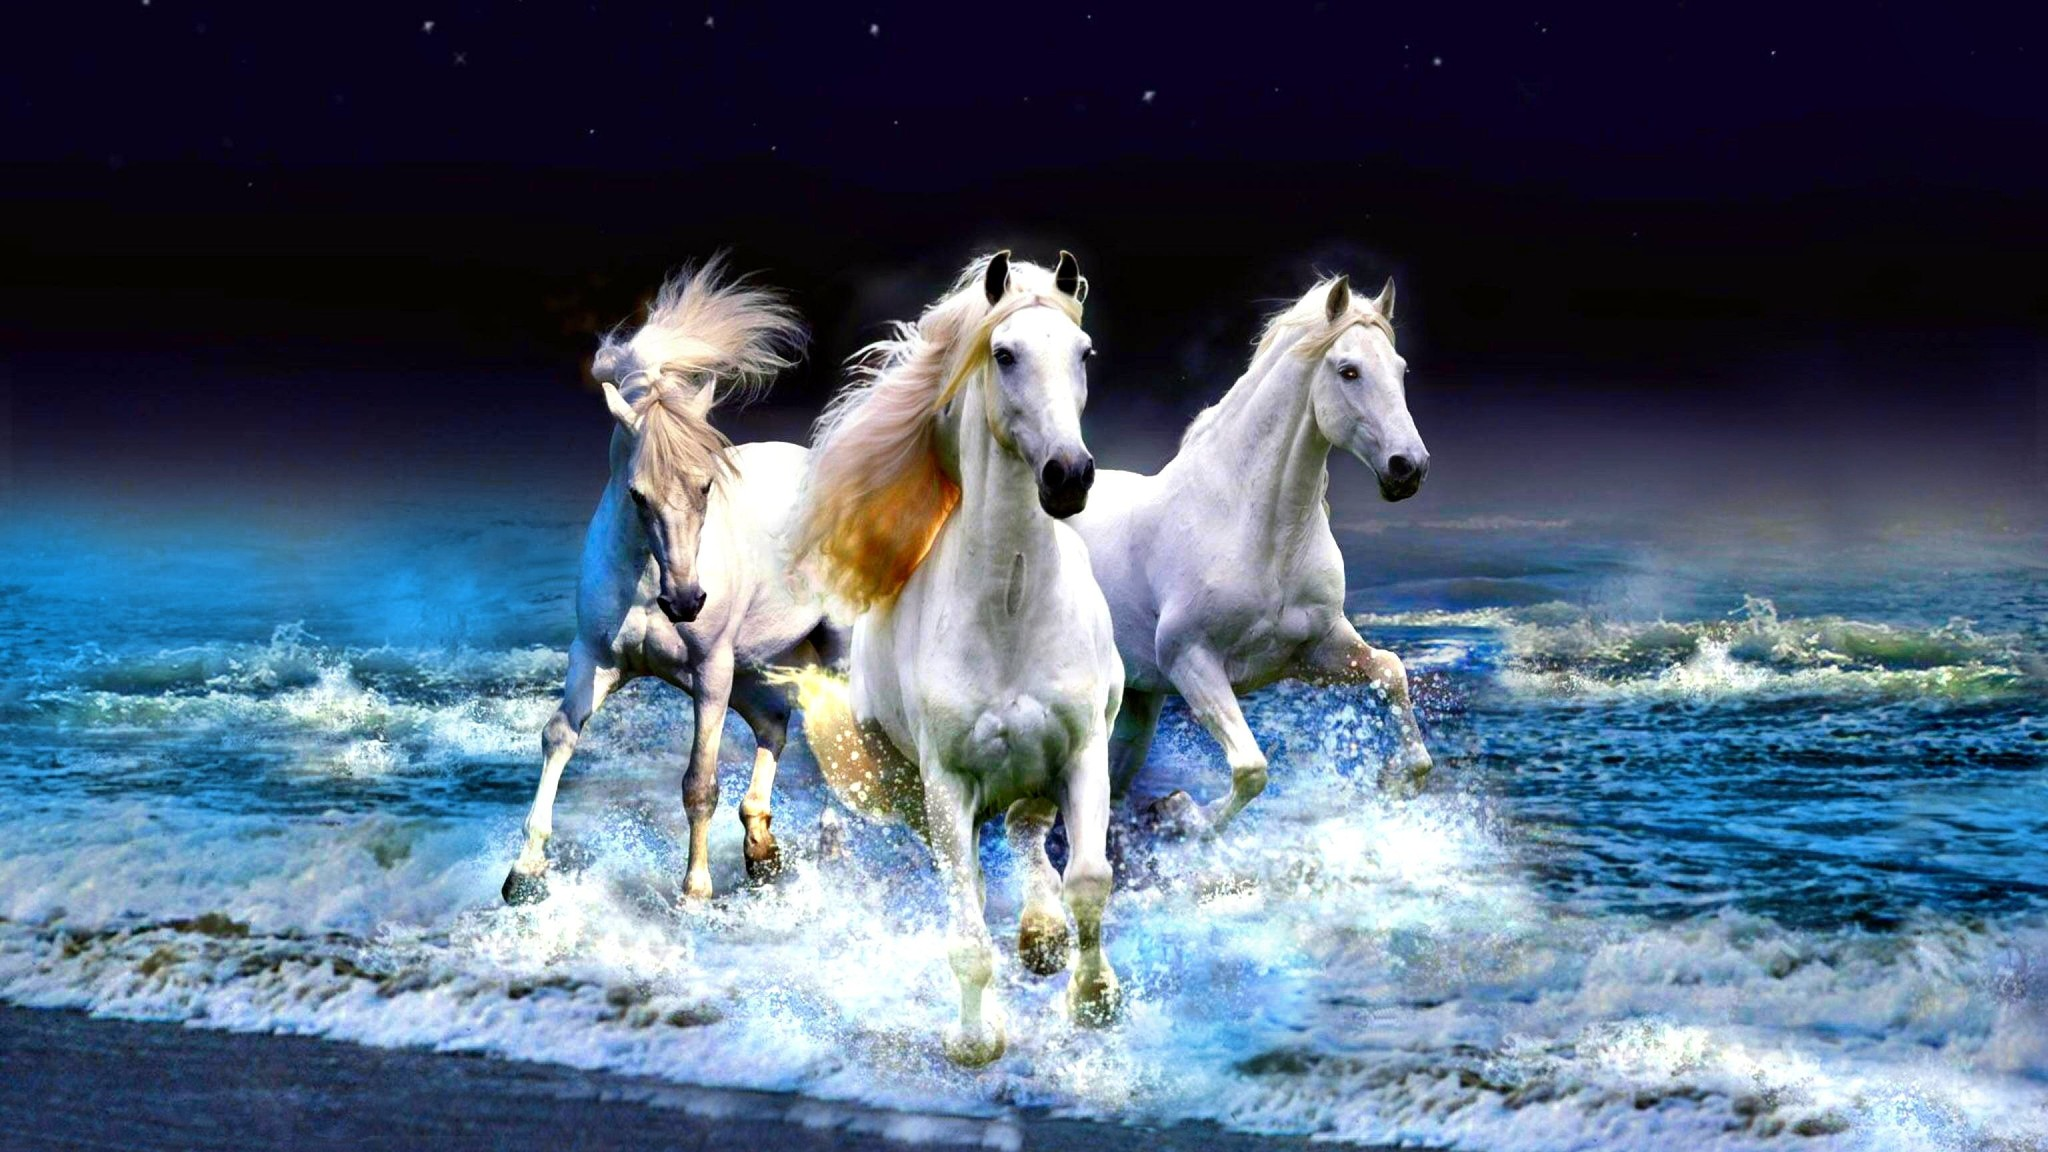 3d horse wallpaper,horse,mane,mustang horse,stallion,sky